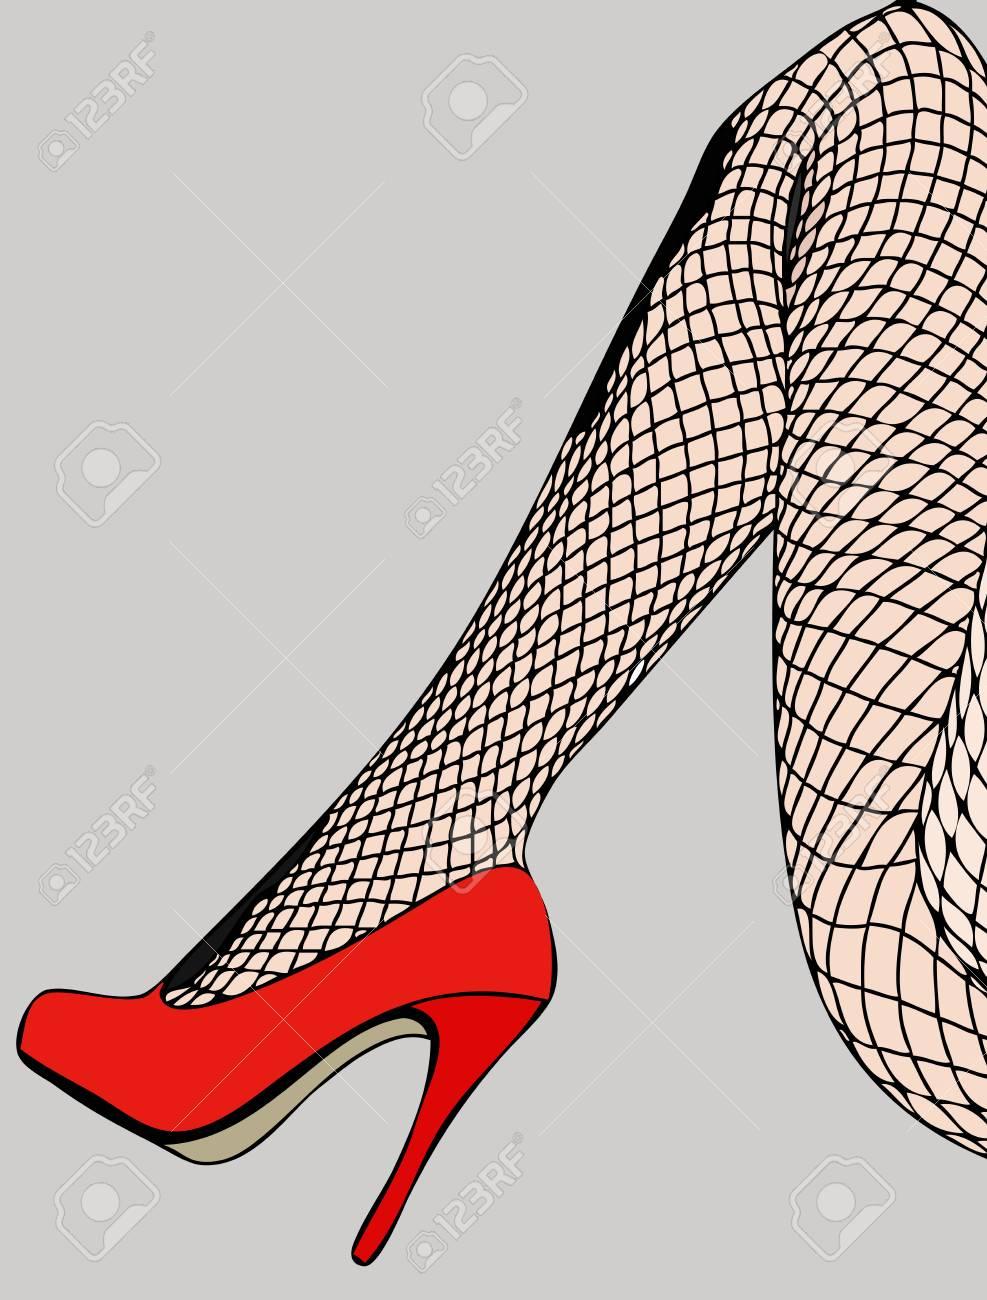 chaussures à d'une en résille l'attitude résille femme bas représentant talons Illustration Bas sensuelle et hauts XOiPukZ